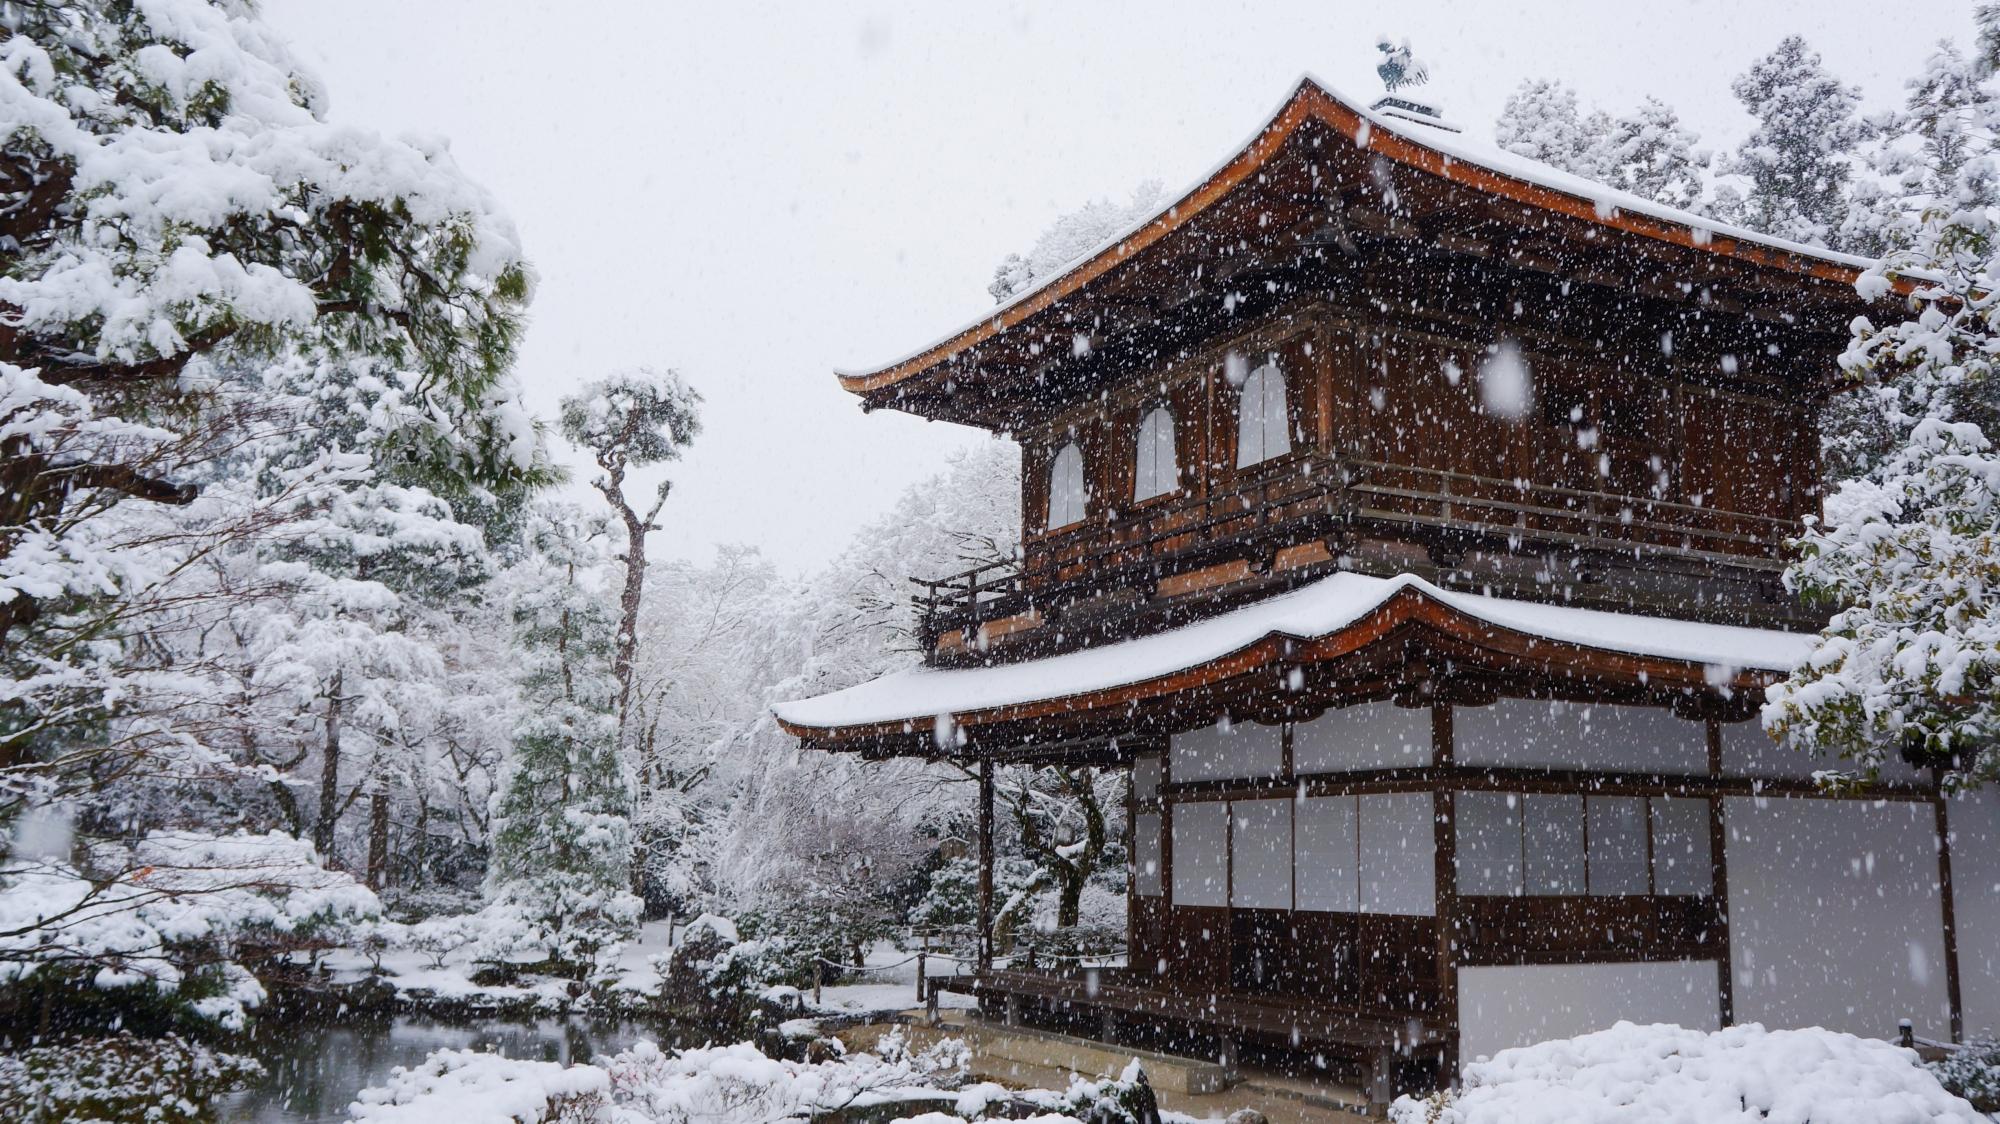 銀閣寺の観音堂の雪景色